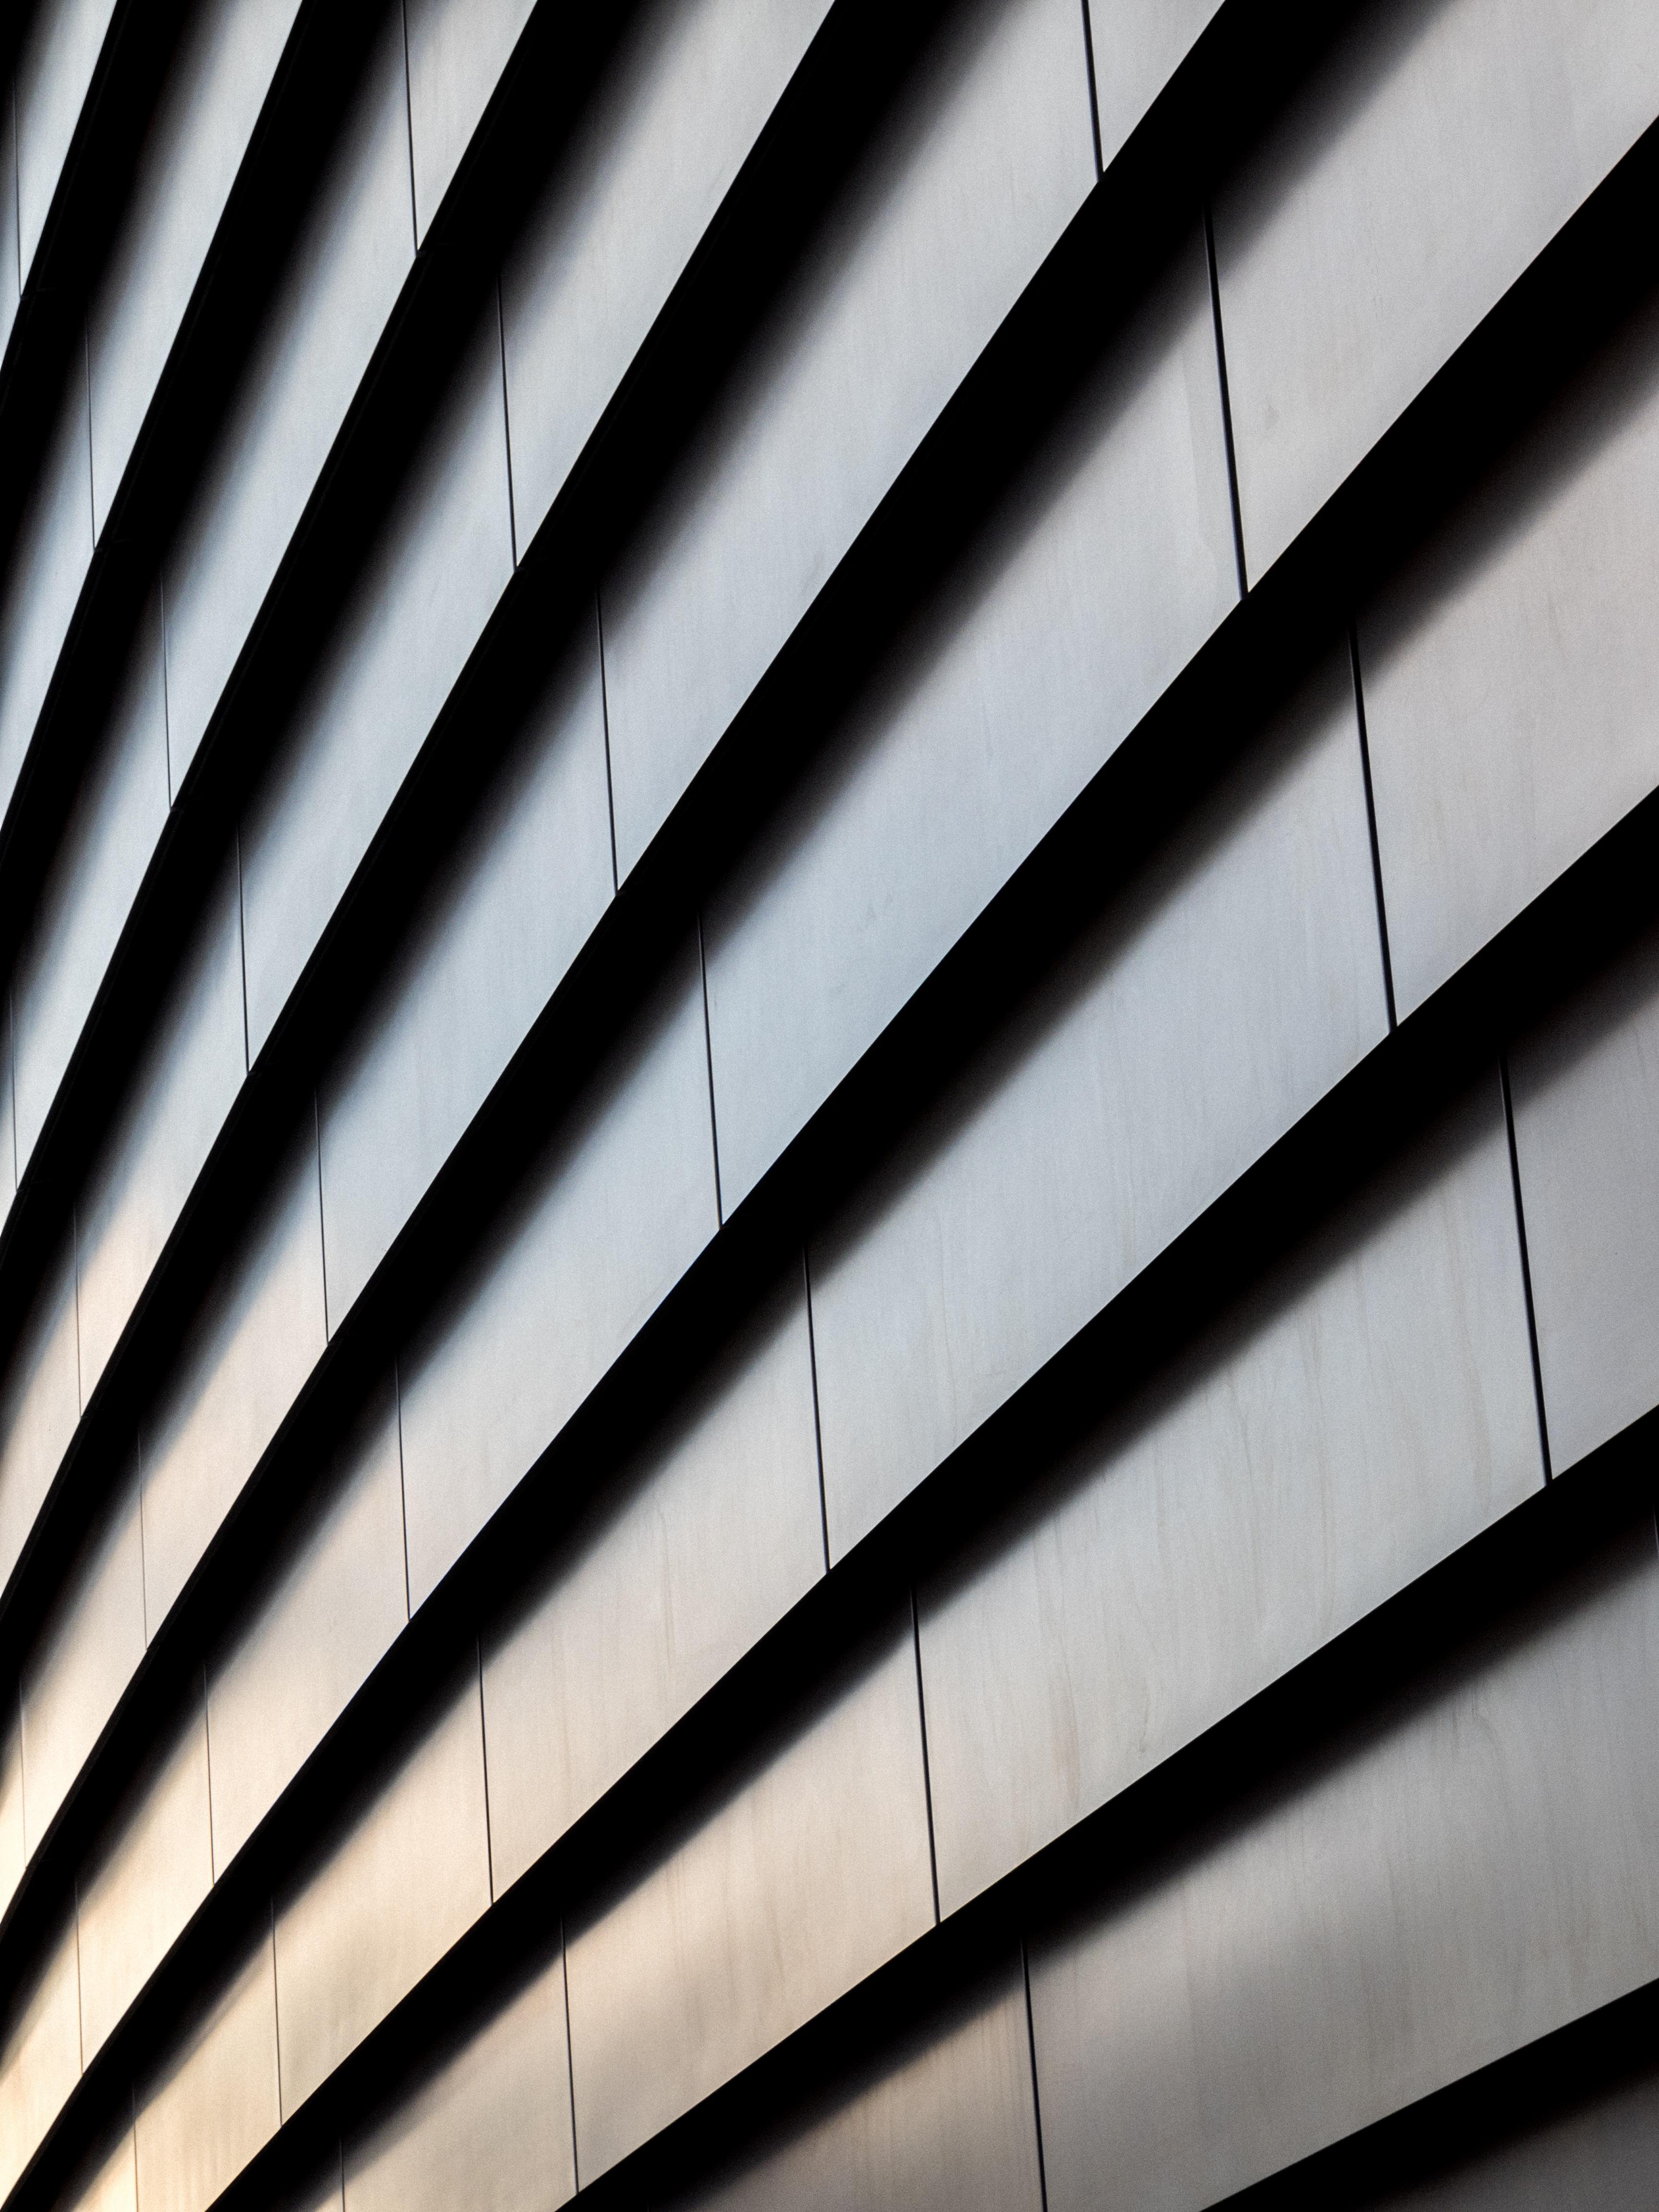 fotos gratis ligero en blanco y negro arquitectura On diseno de interiores en linea gratis